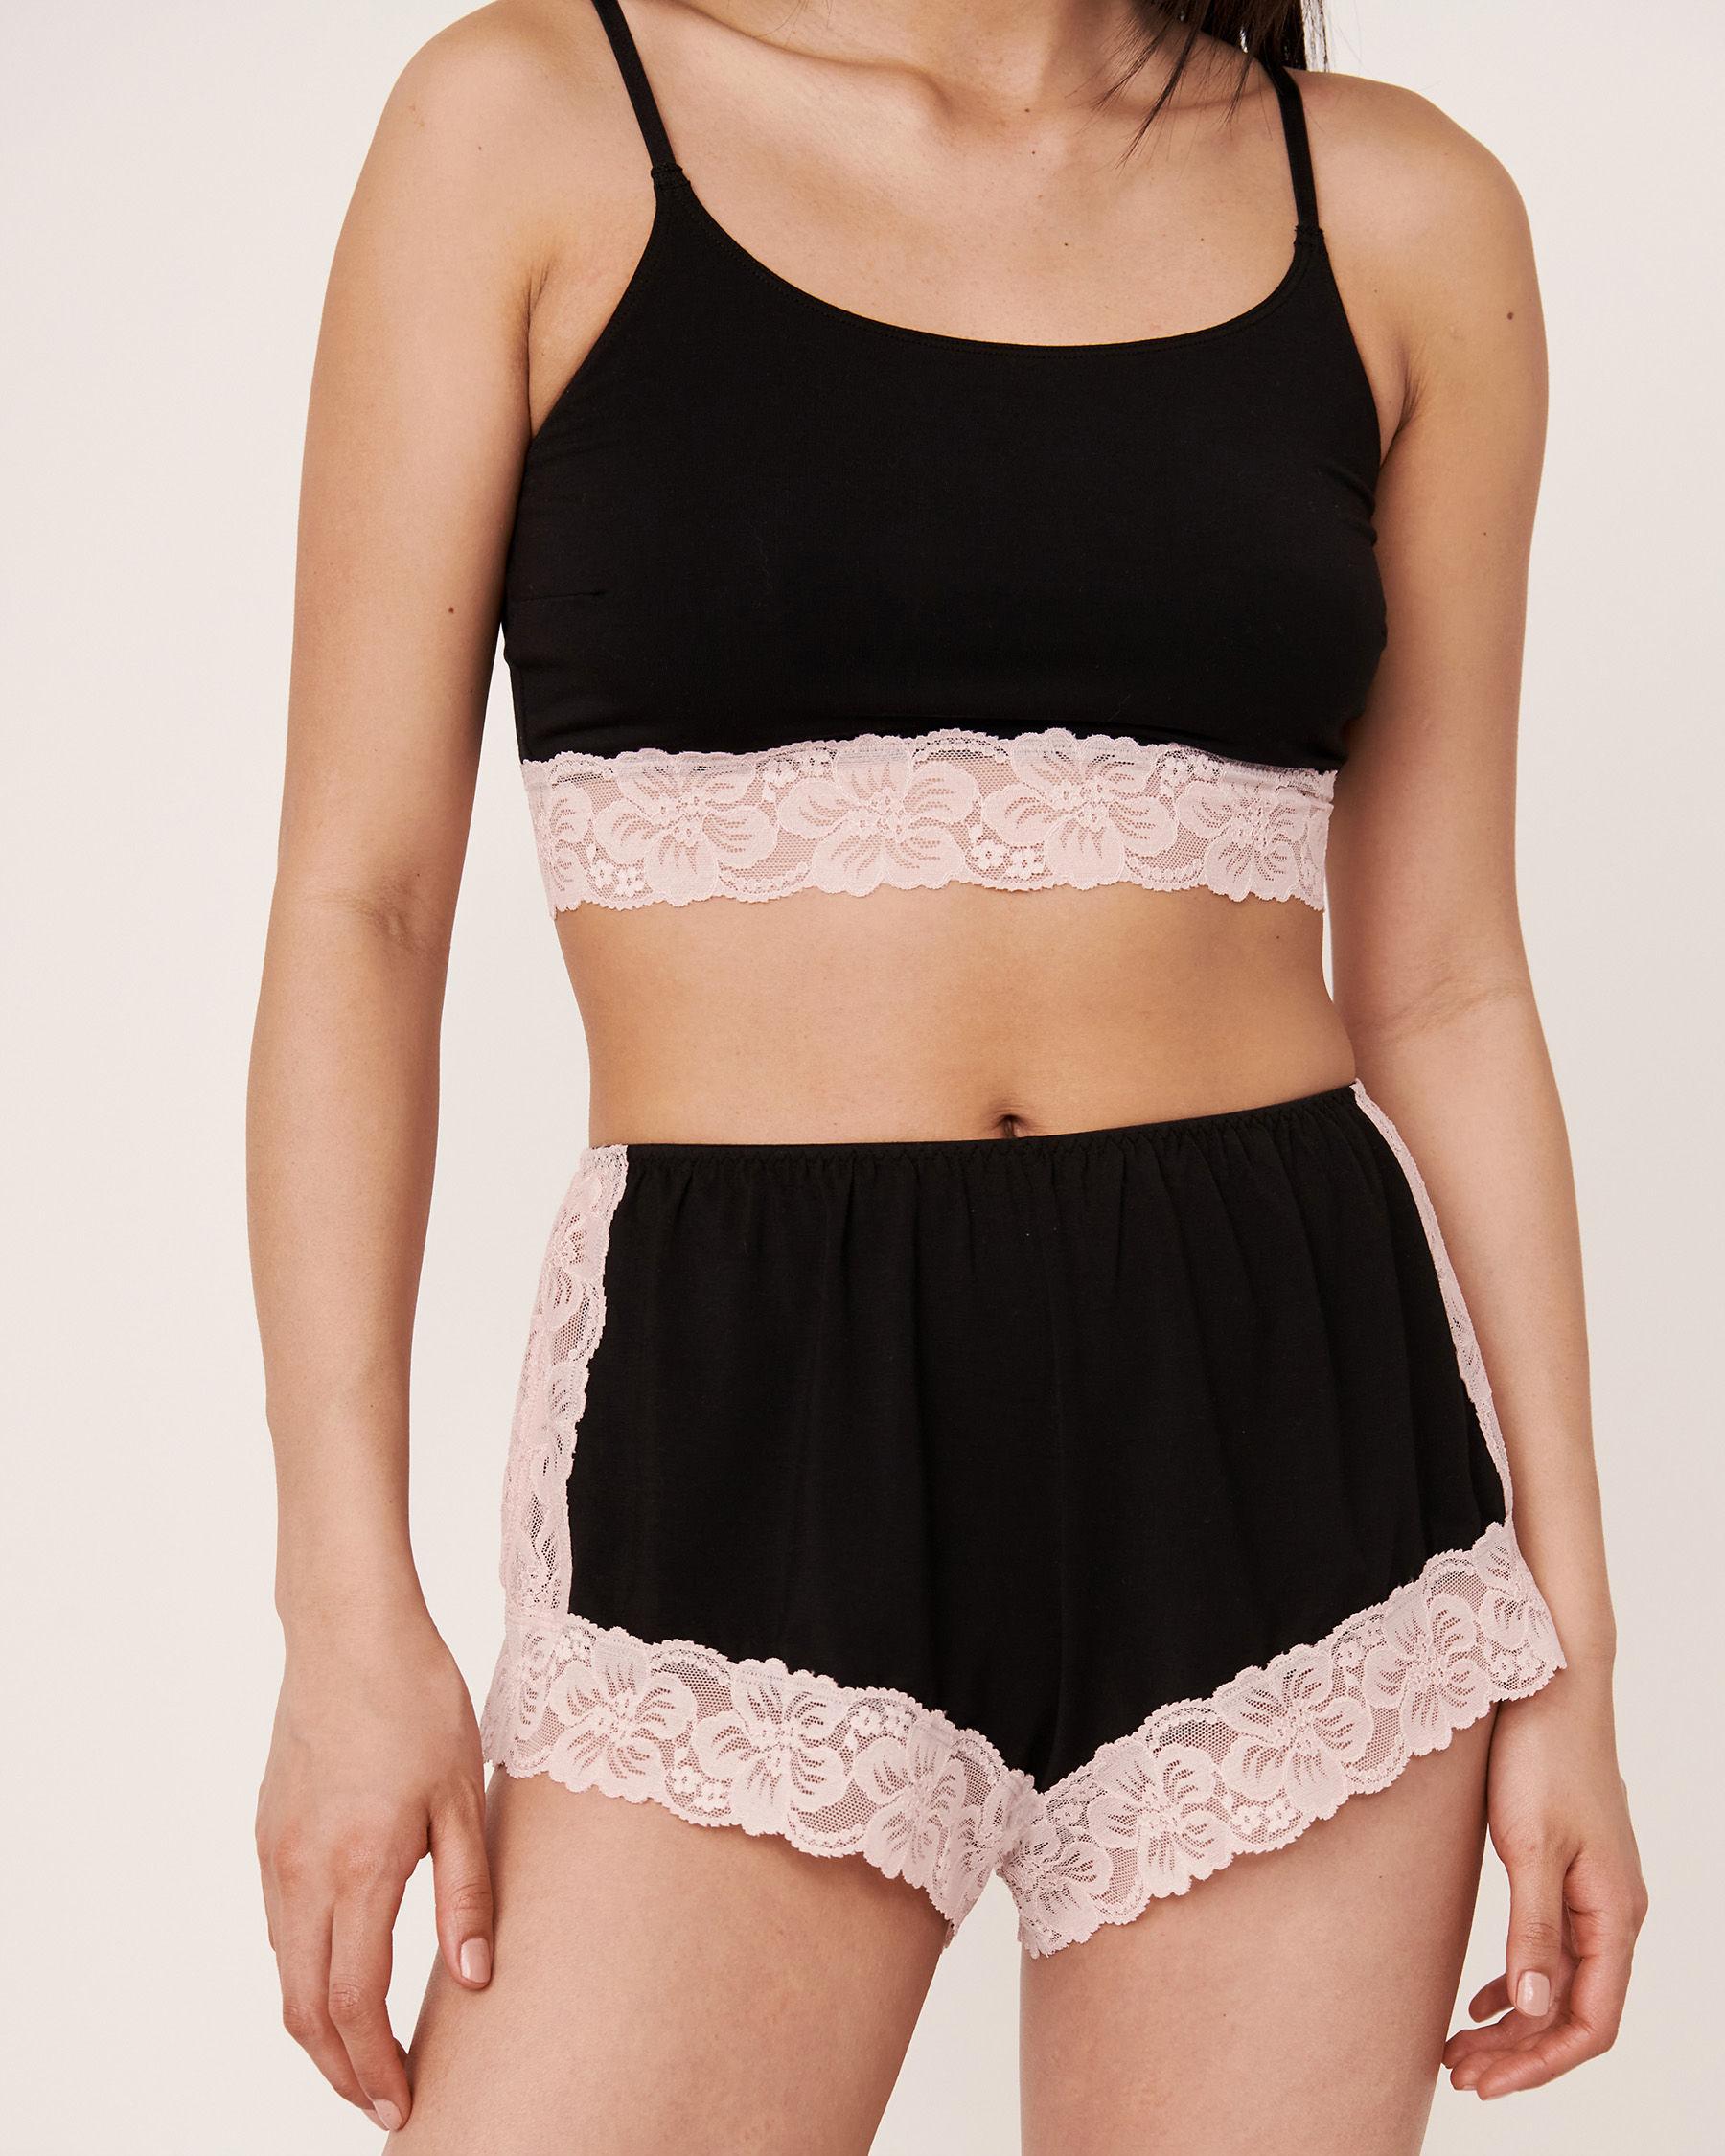 LA VIE EN ROSE Lace Trim Modal Short Black 40200084 - View1